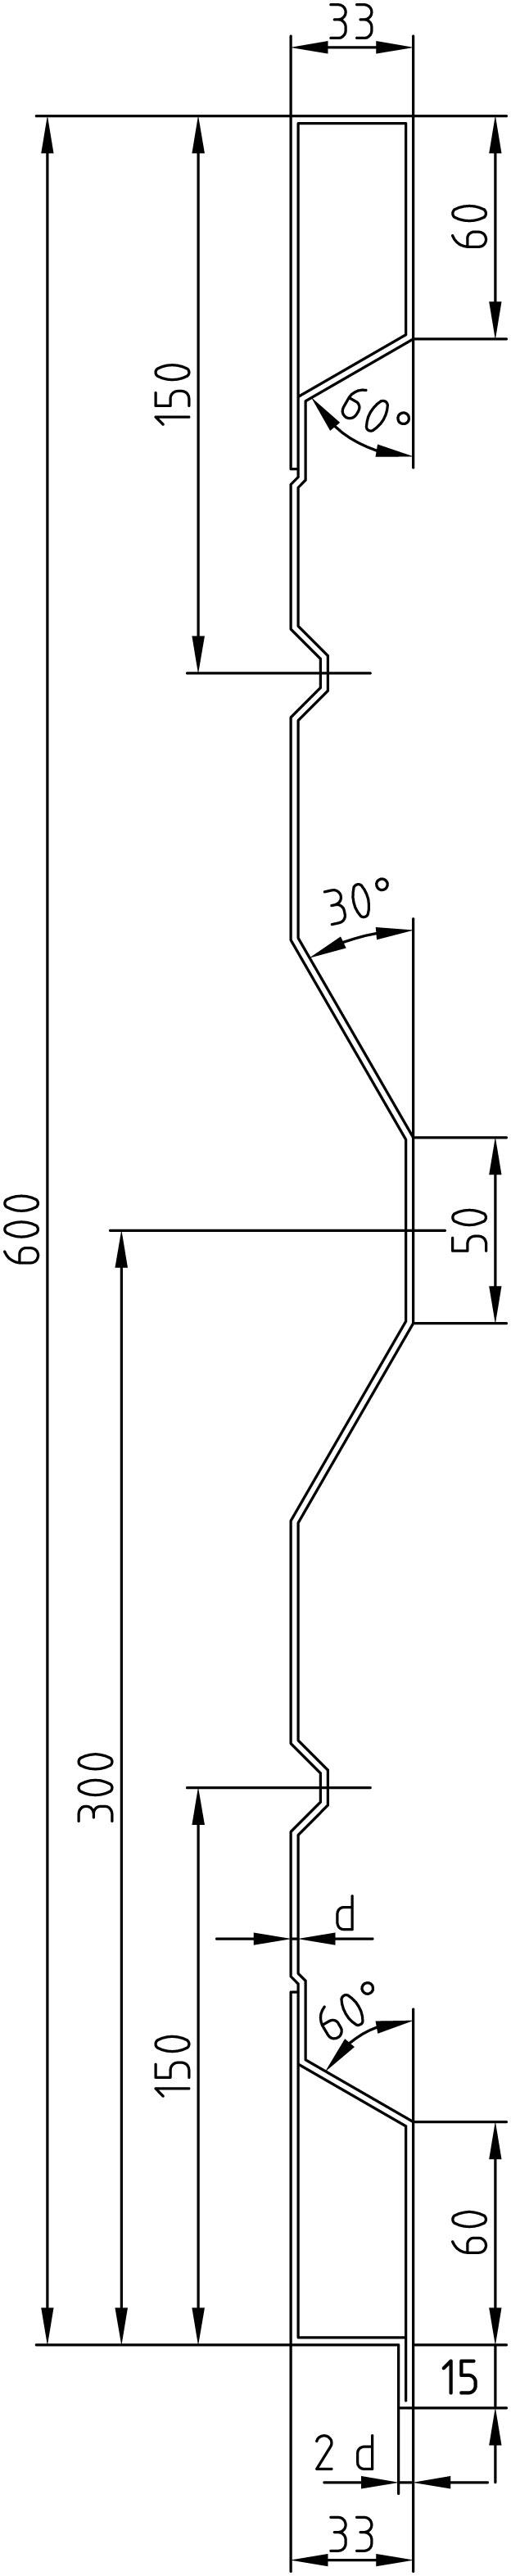 Brantner Kipper und Anhänger - 600x2x2375 Rück BW samt EL ohne Schuber